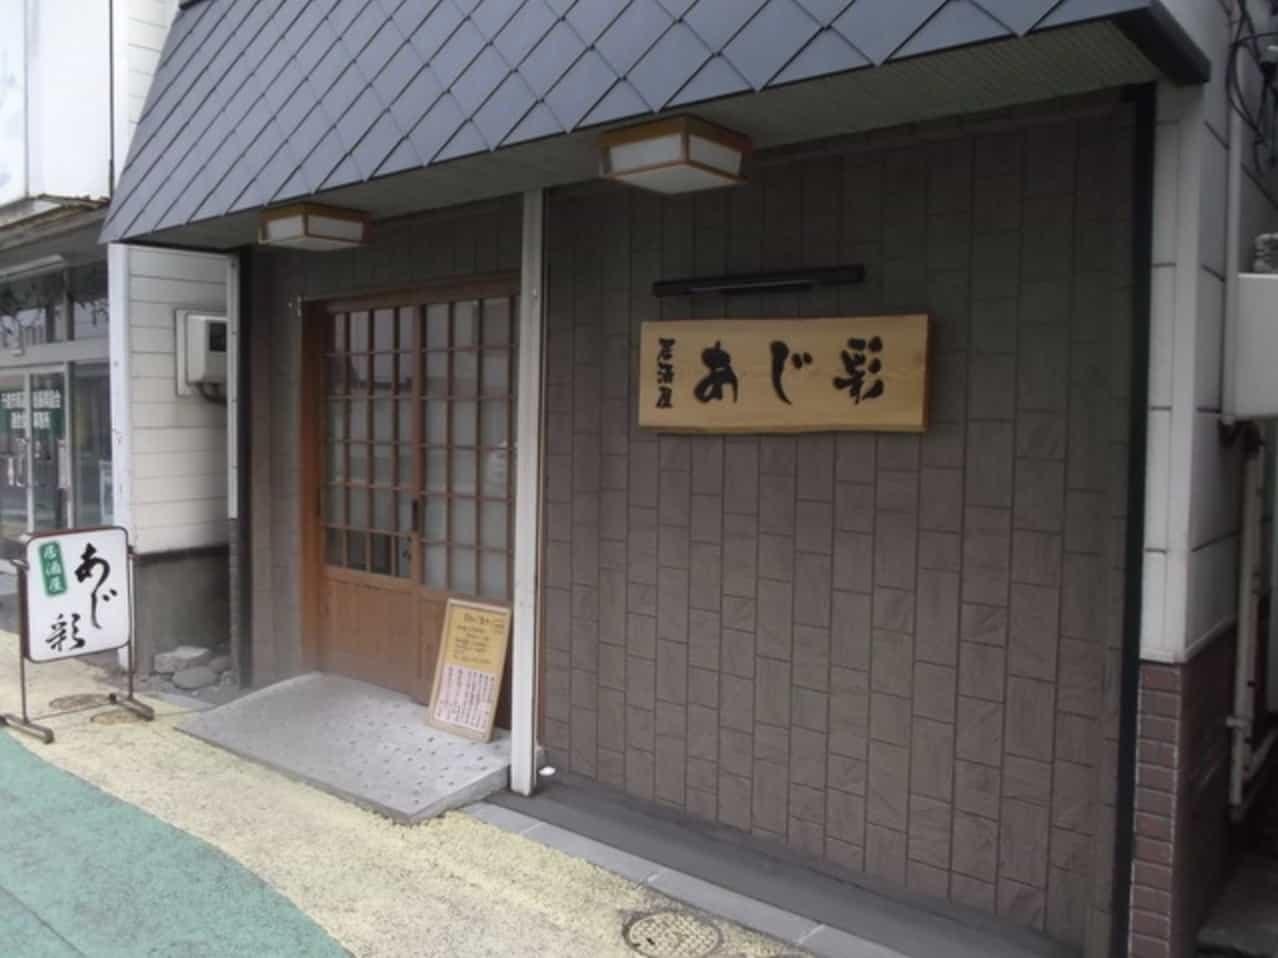 千歳駅の居酒屋 あじ彩